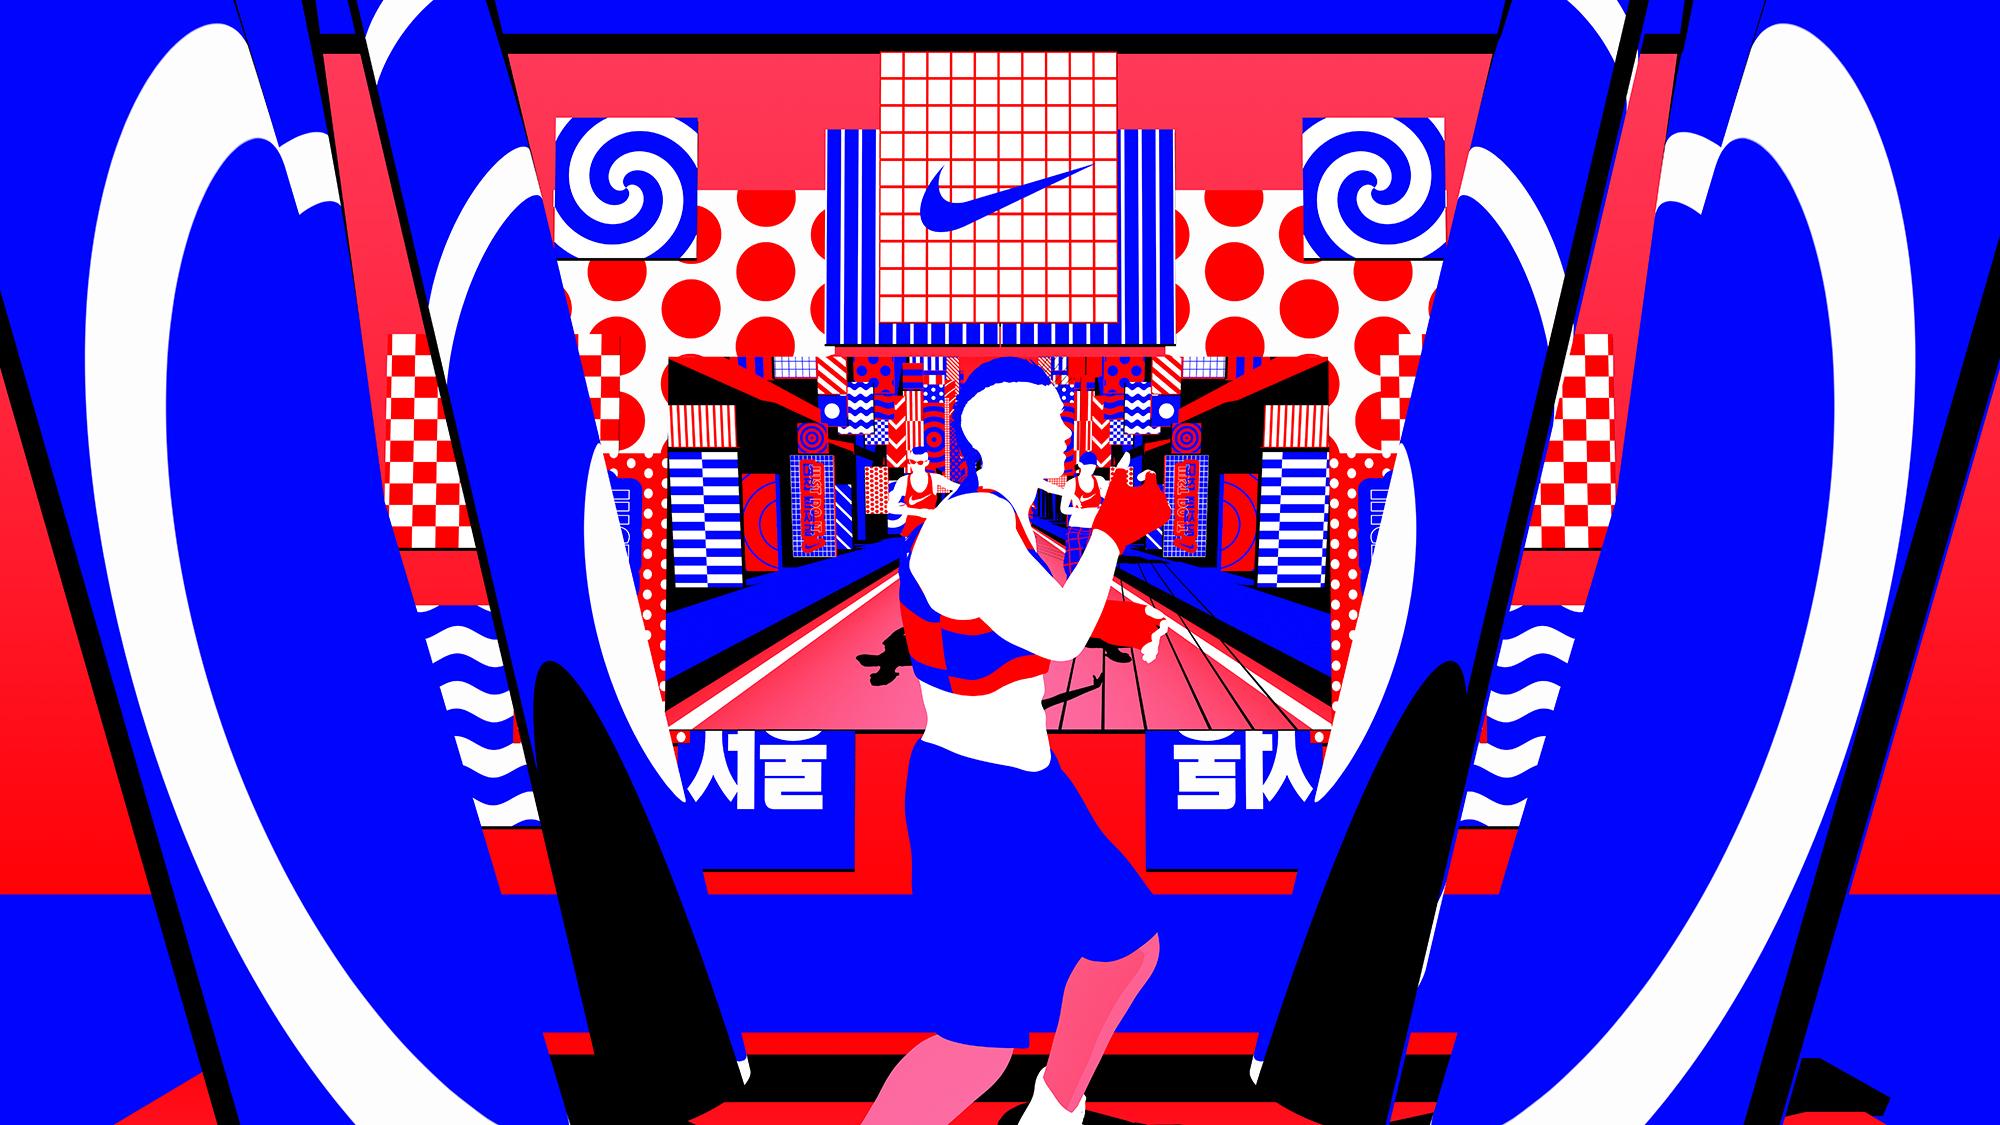 Nike_SP18_JD_Still_06_FA 2000.jpg